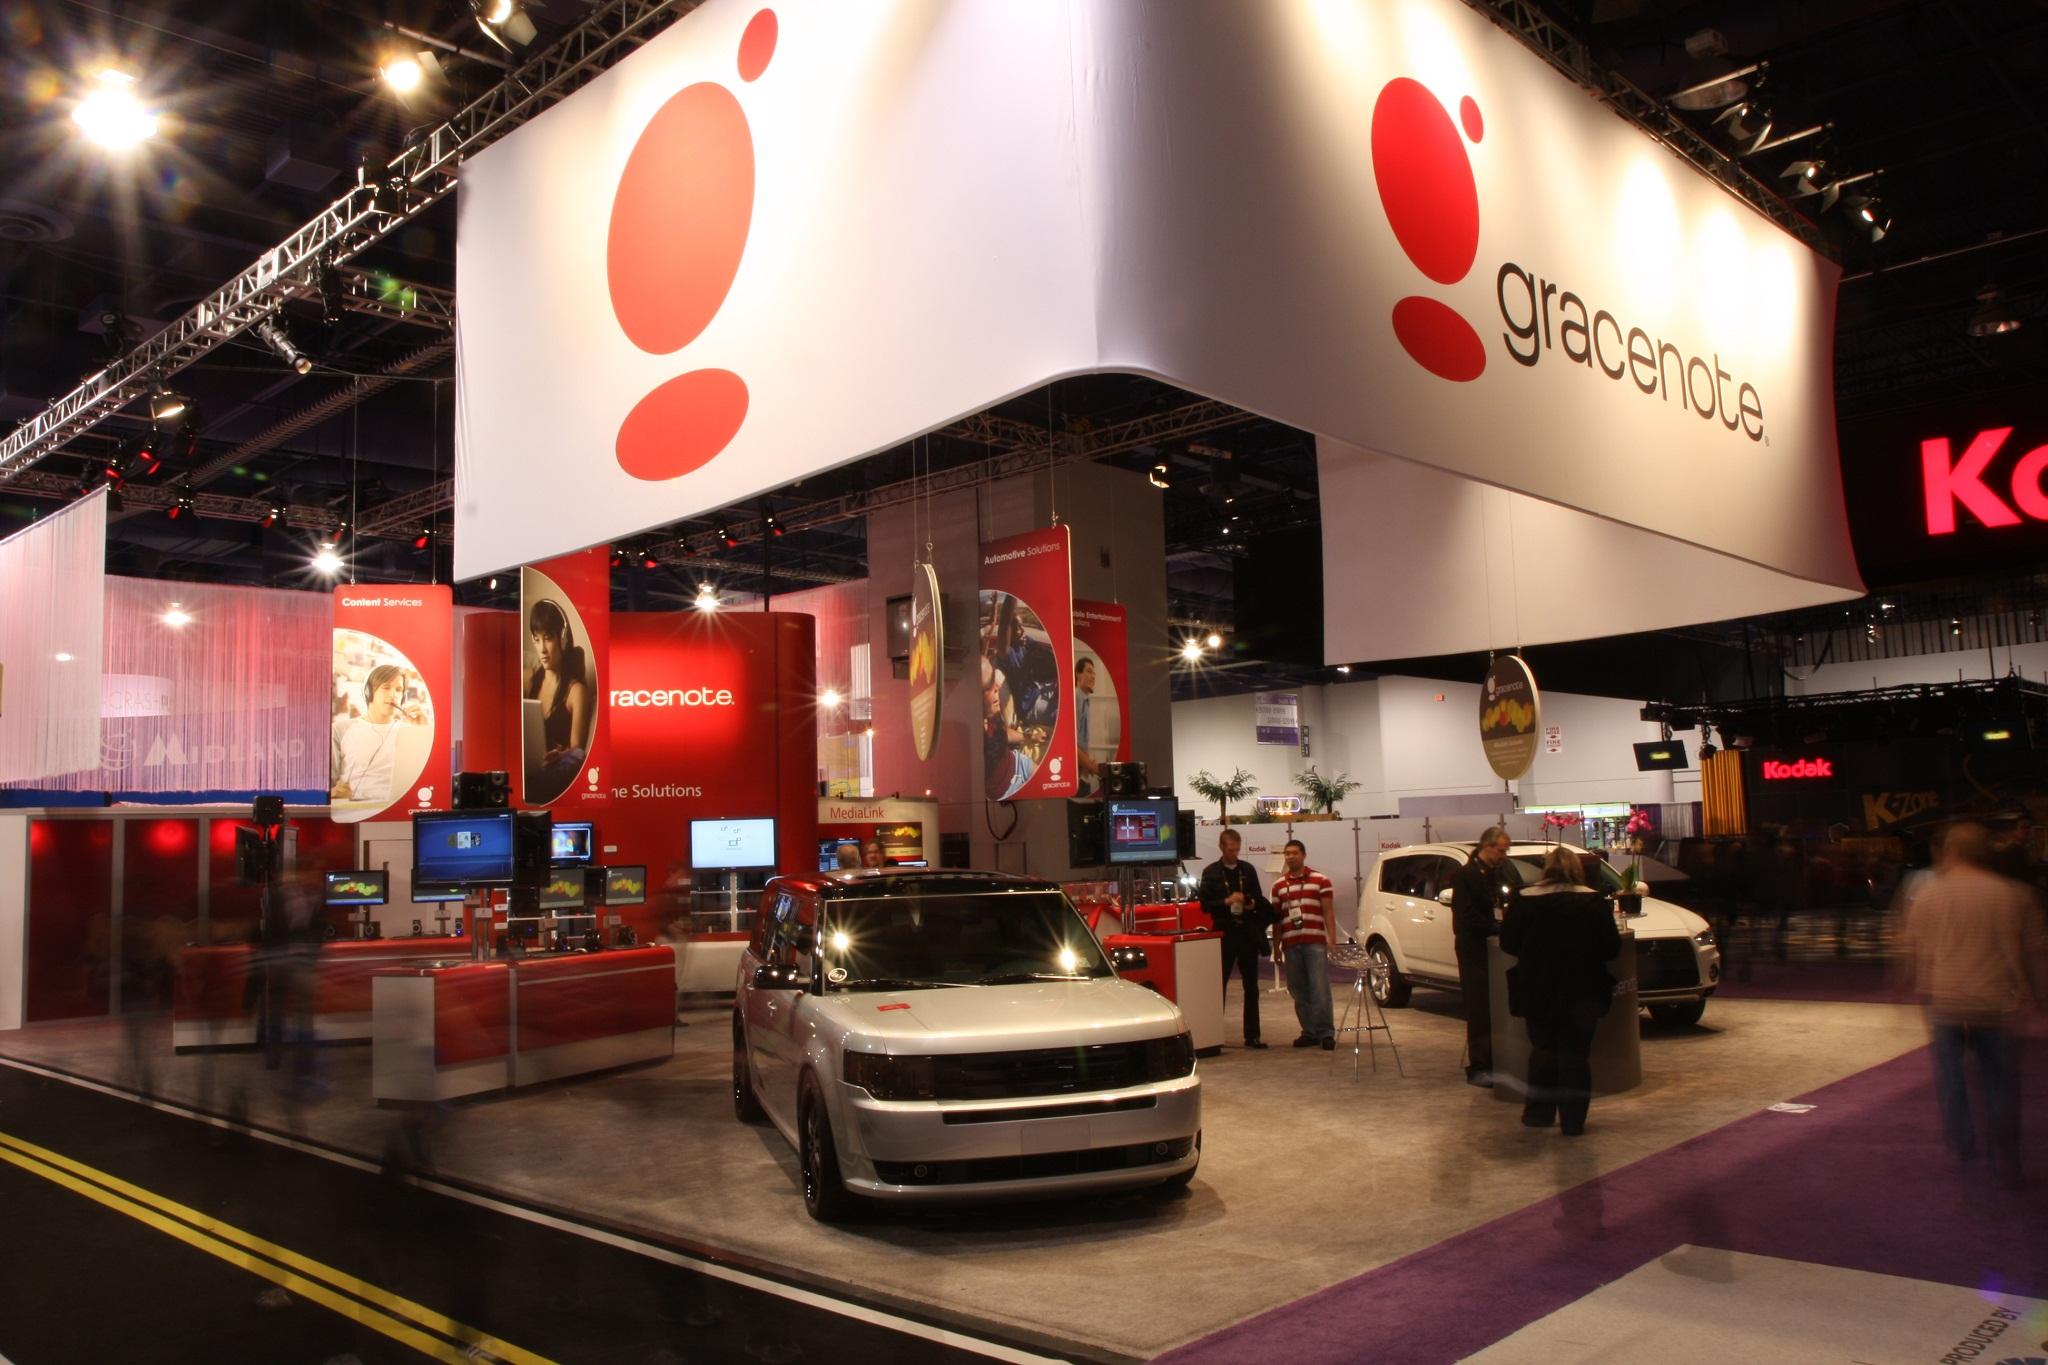 Sony busca vender Gracenote